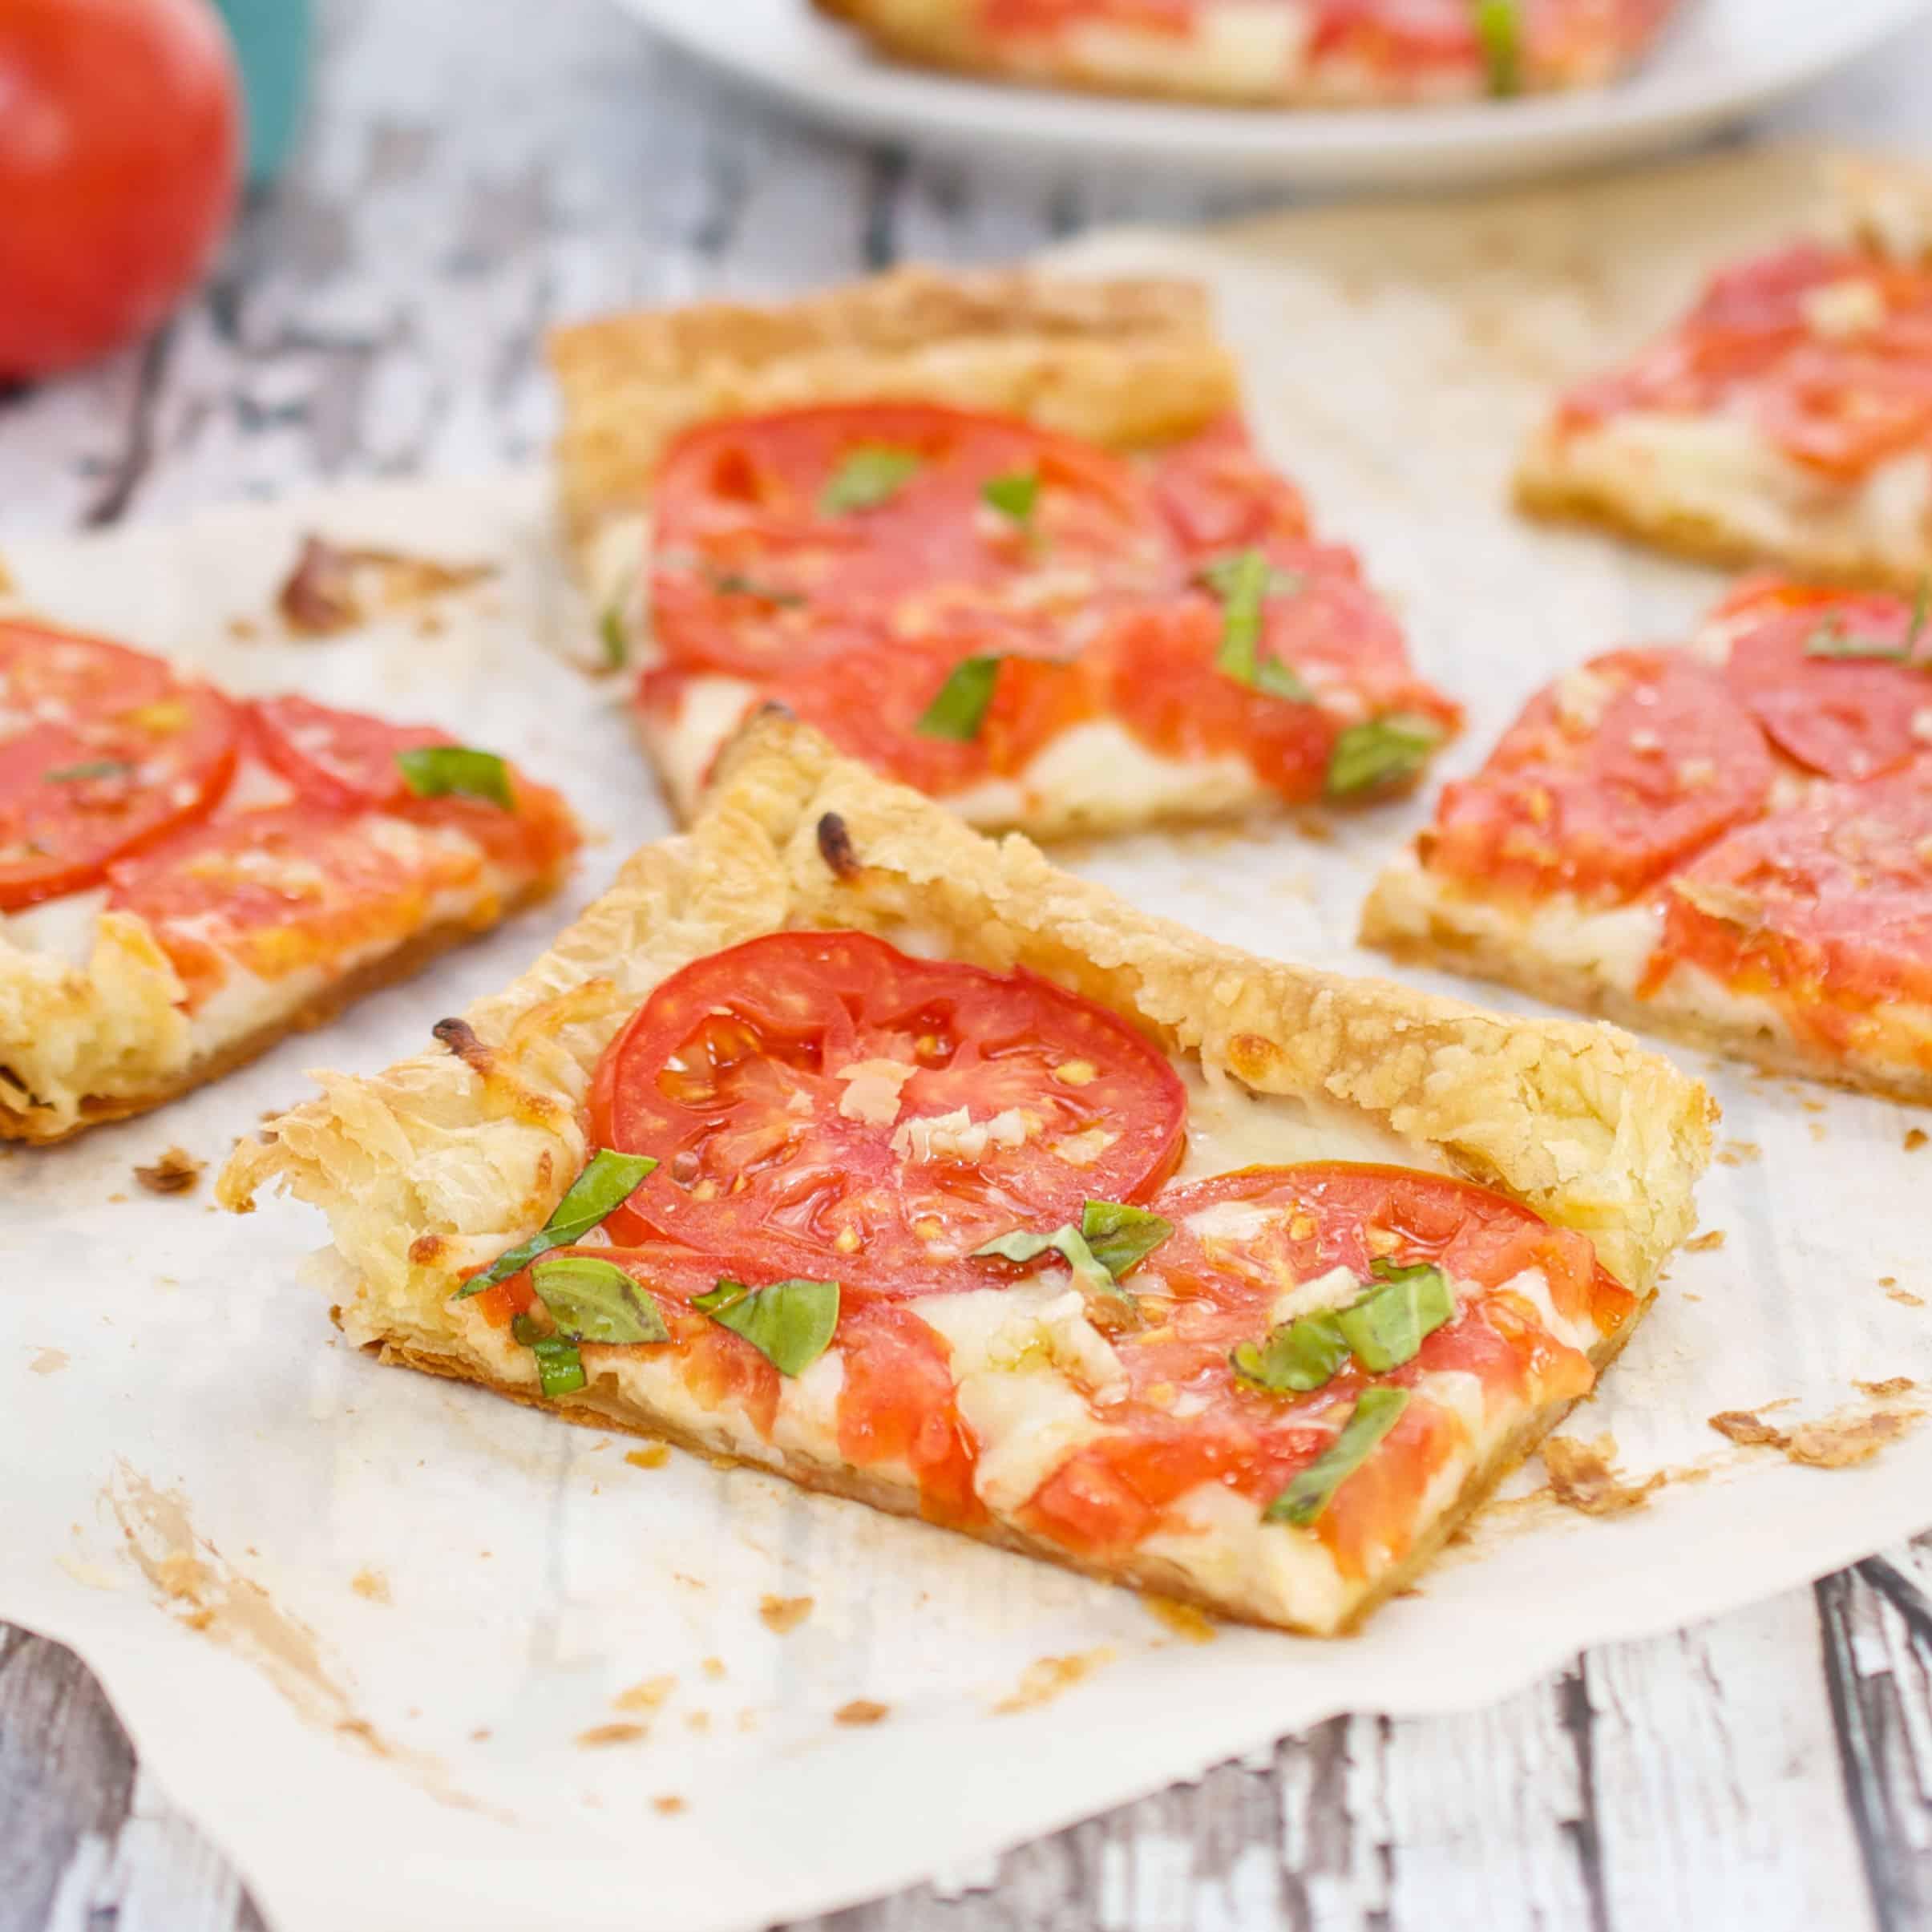 Savory Tomato Tart Recipe With Mozzarella